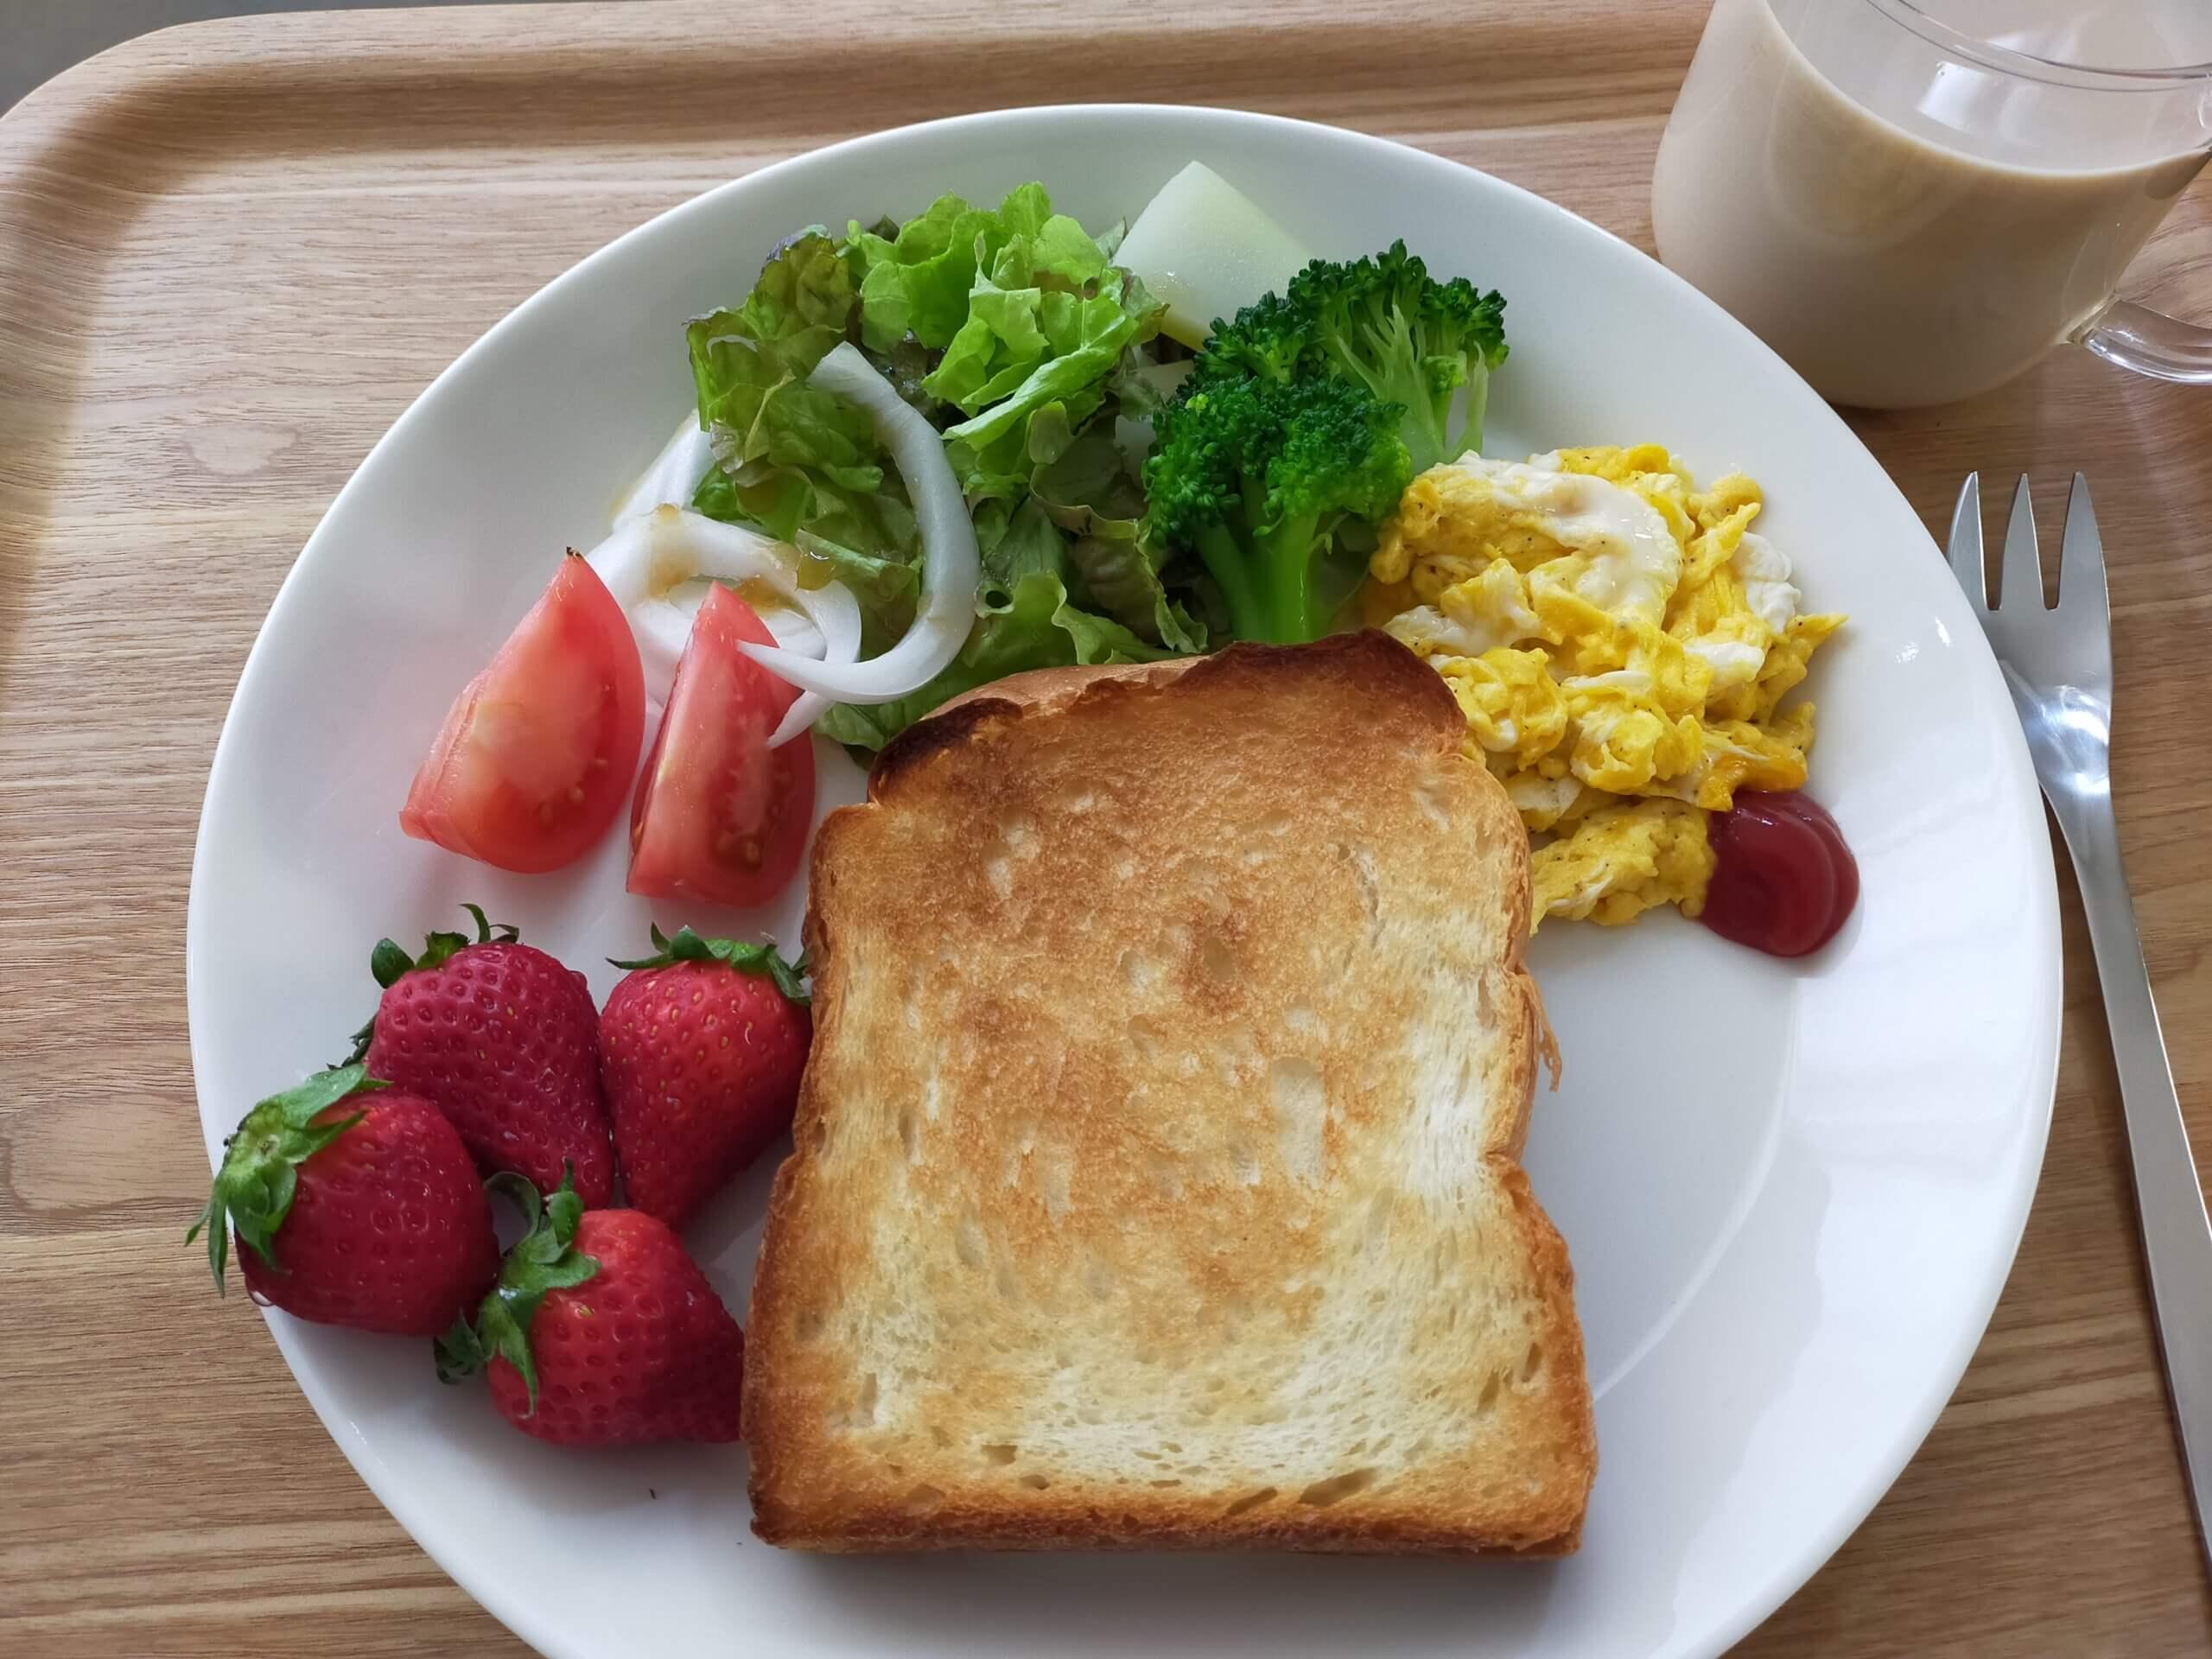 佐賀県産の「いちごさん」/鶏の照り焼き丼